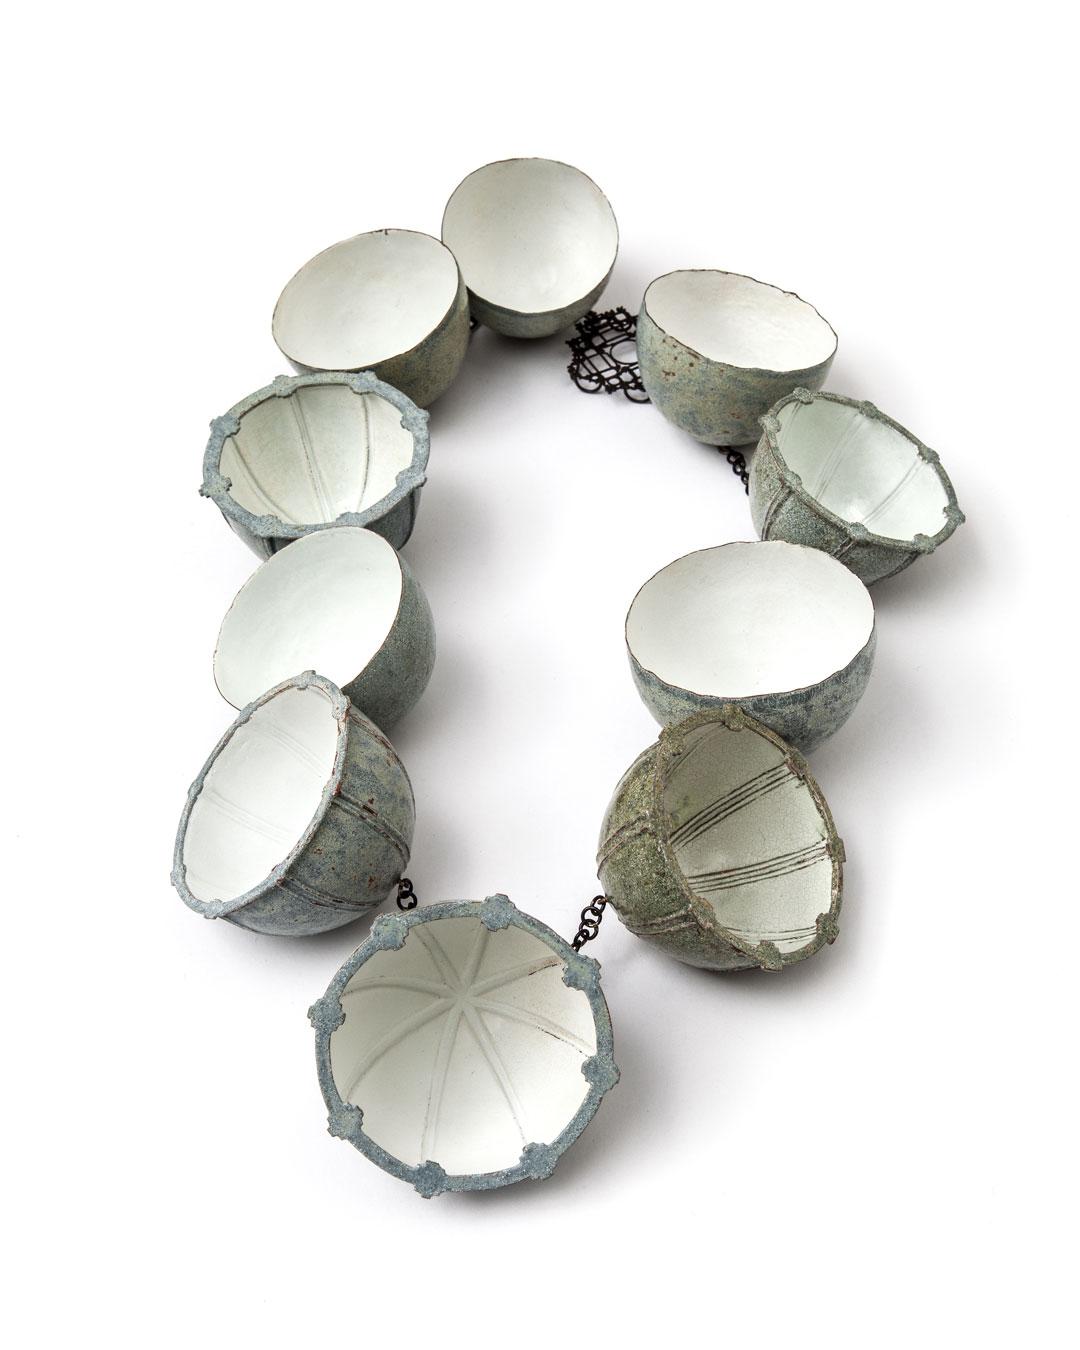 Vera Siemund, untitled, 2014, necklace; enamelled copper, steel, 200 x 270 x 40 mm, €5100